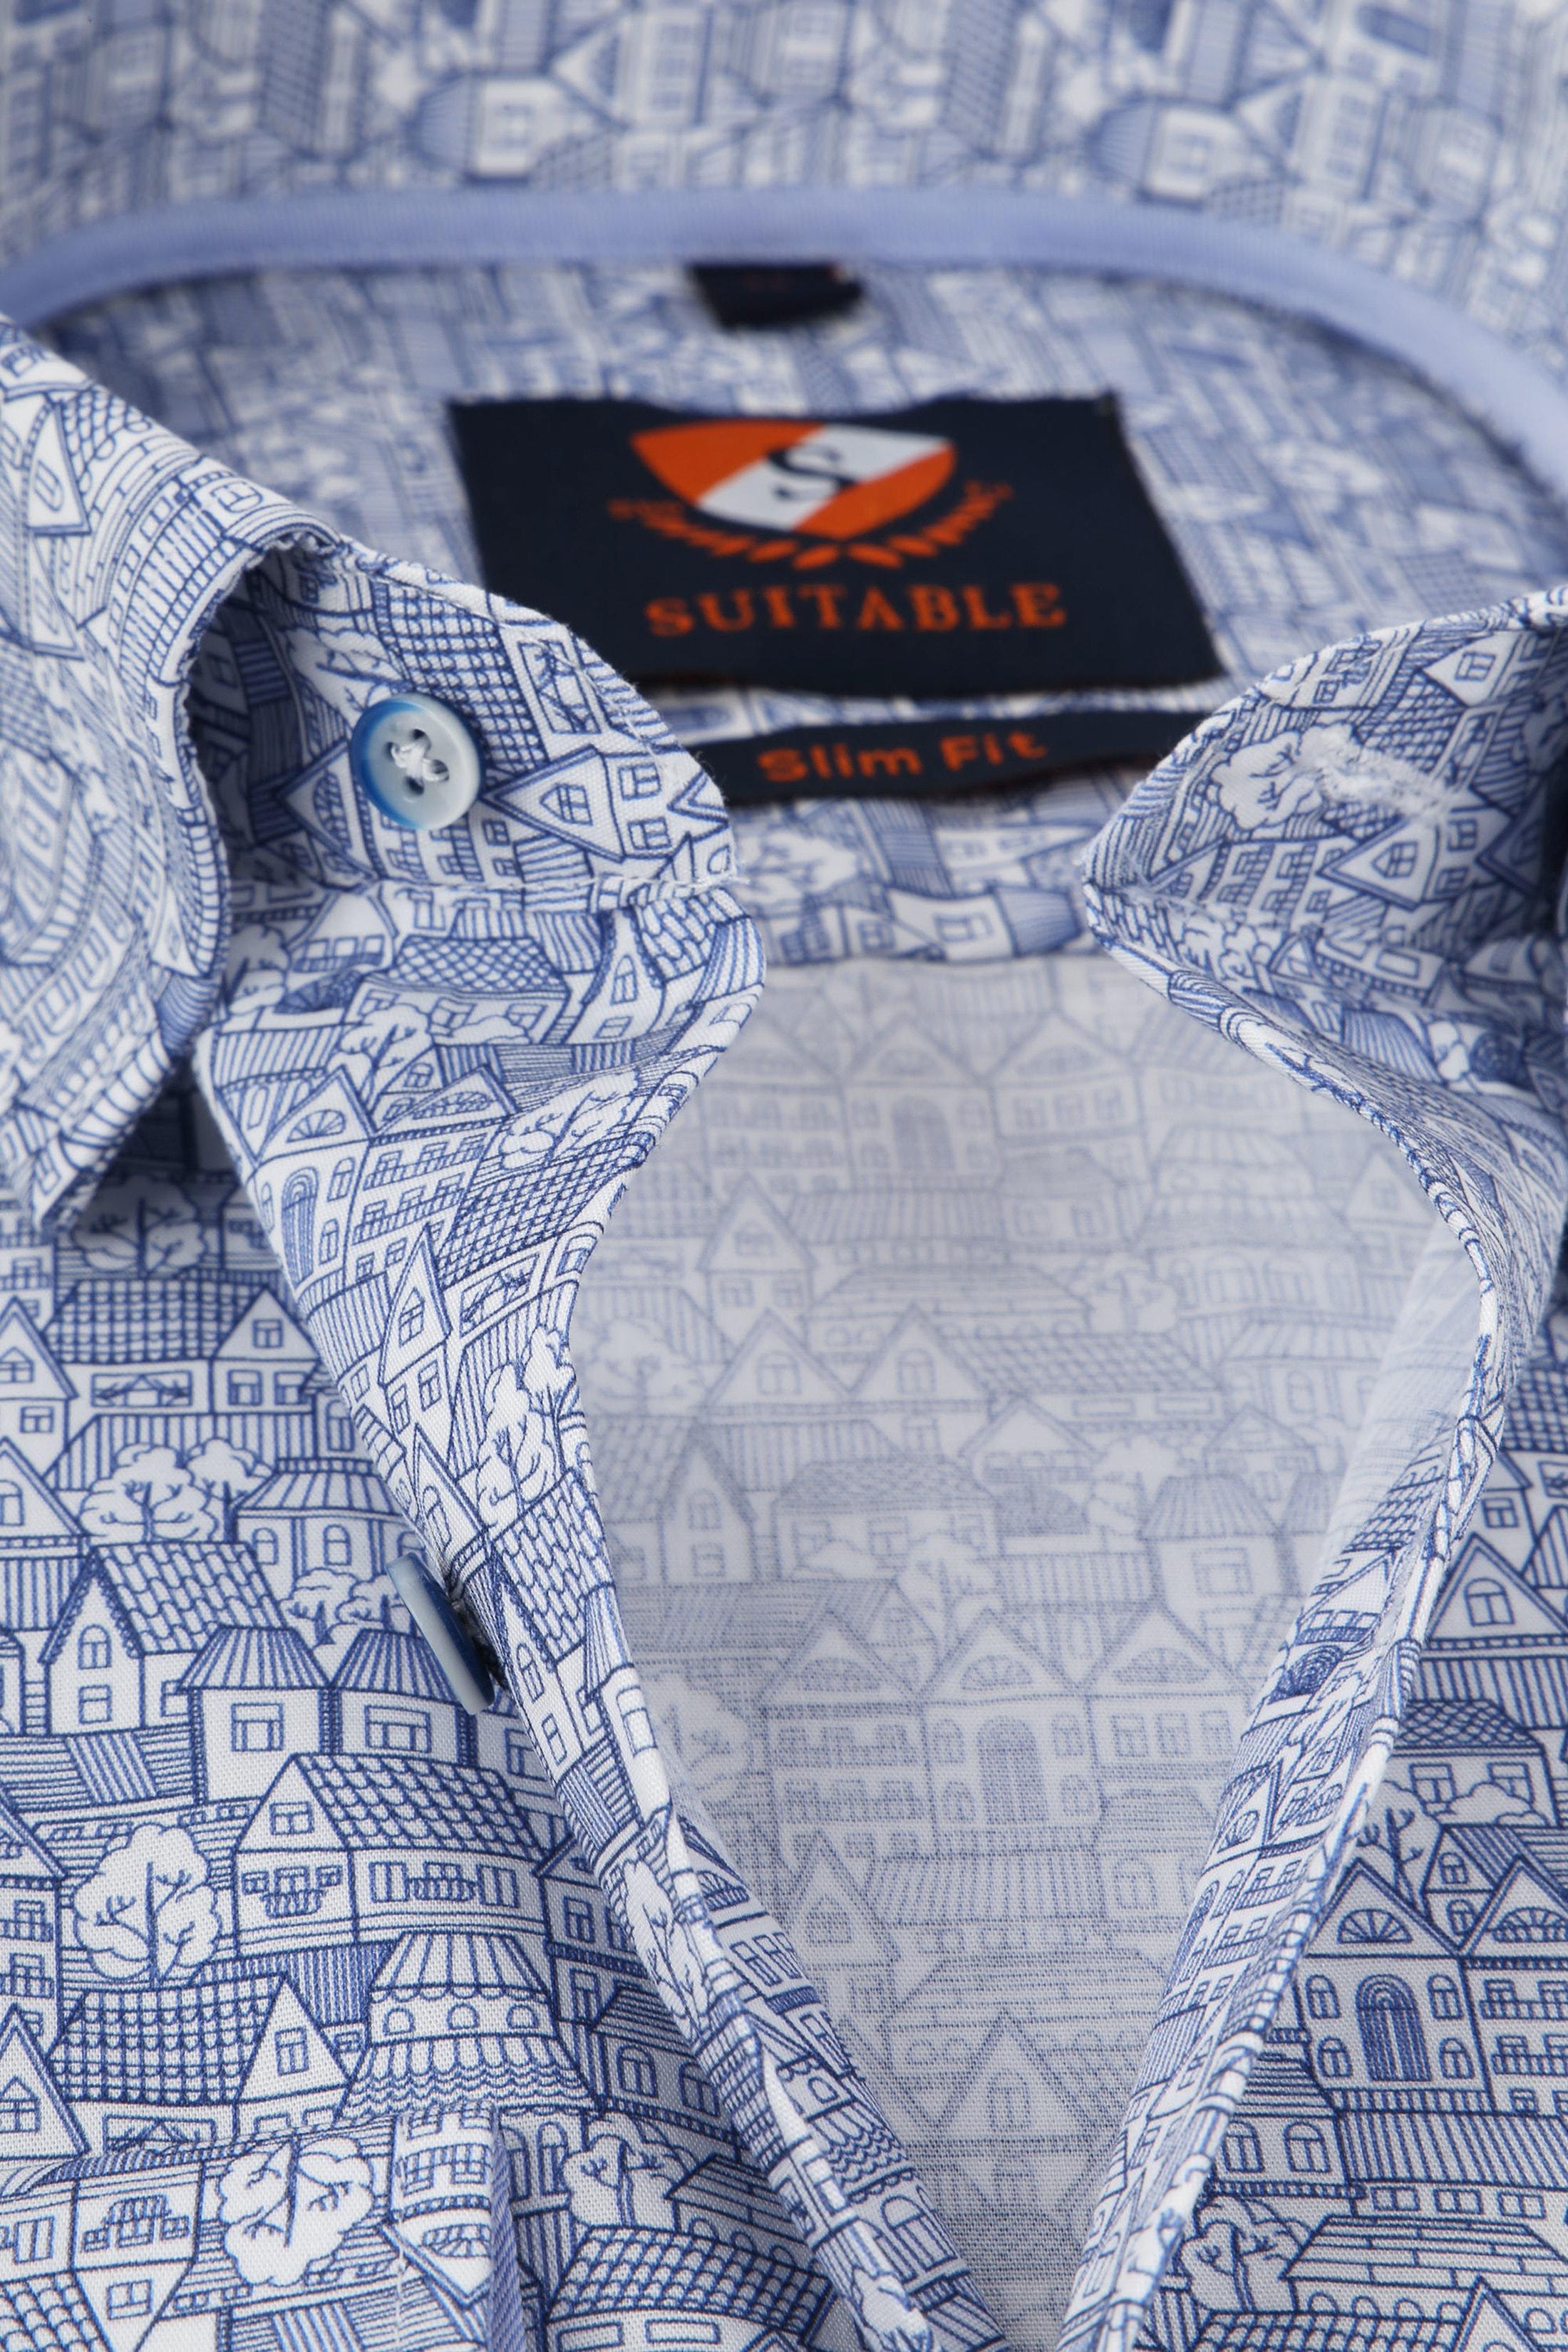 Suitable Shirt HBD Village foto 1